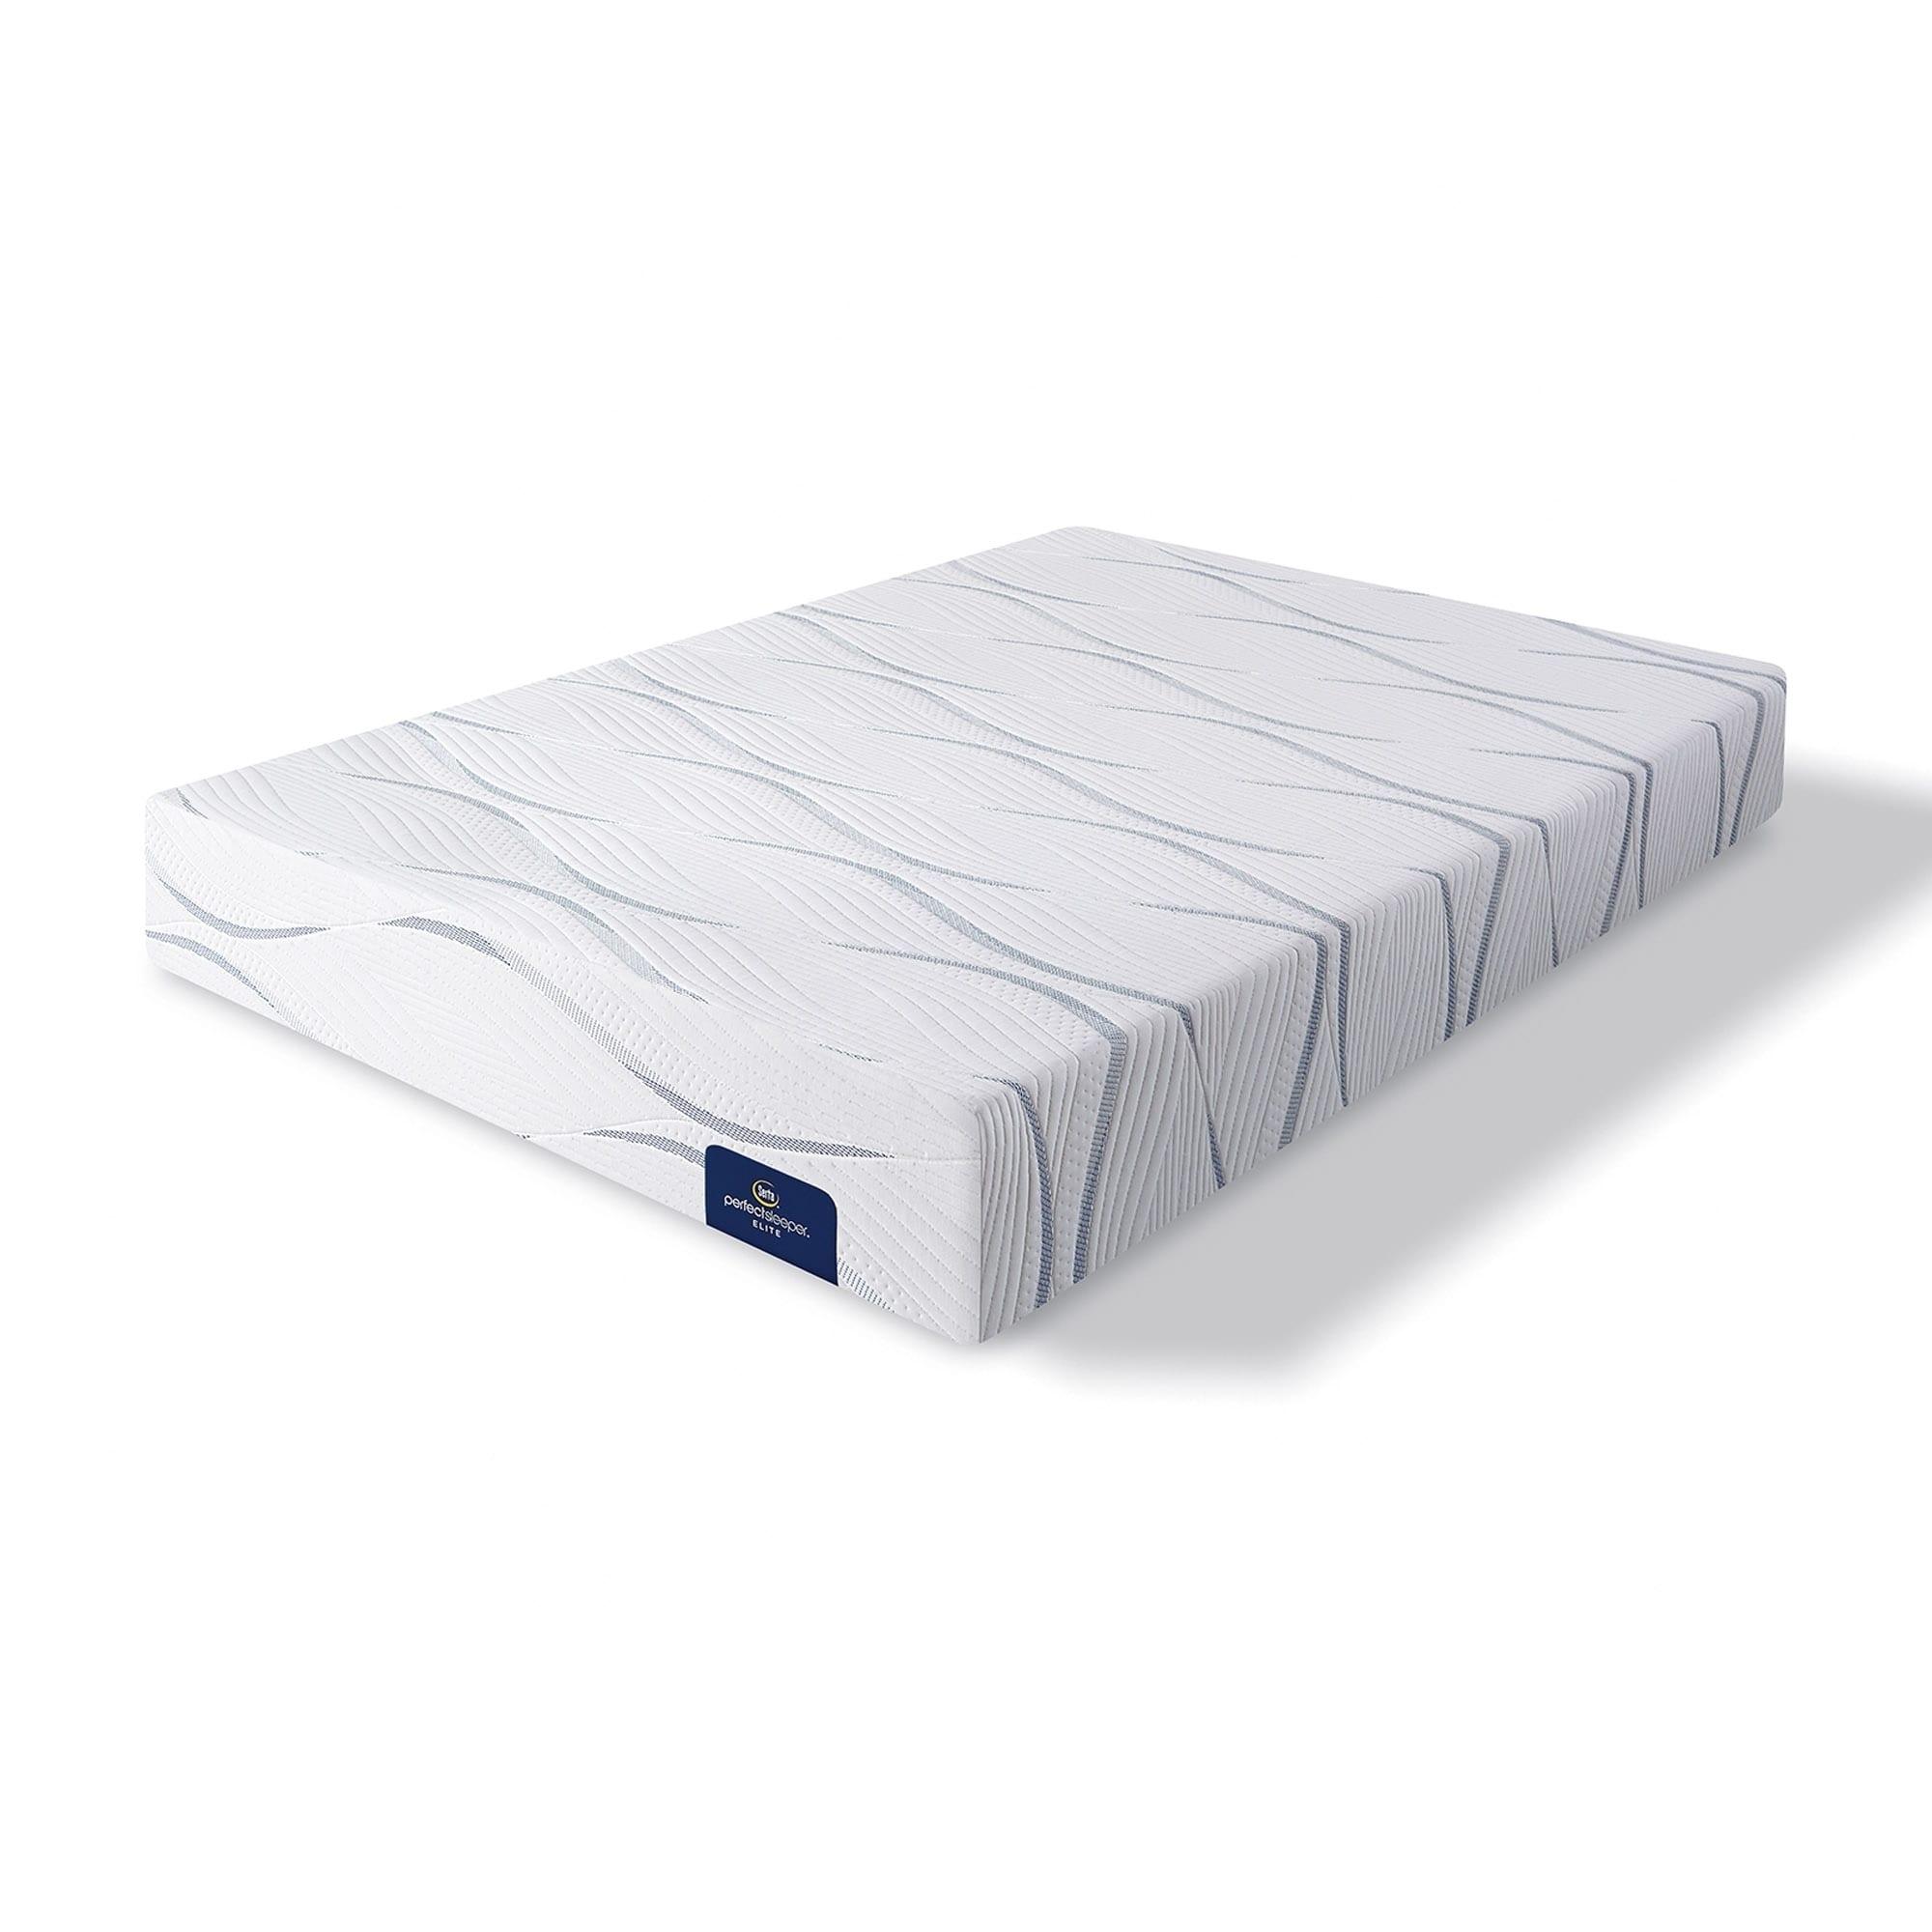 Serta Perfect Sleeper 10 Inch Merriam Ii Medium Foam Mattress